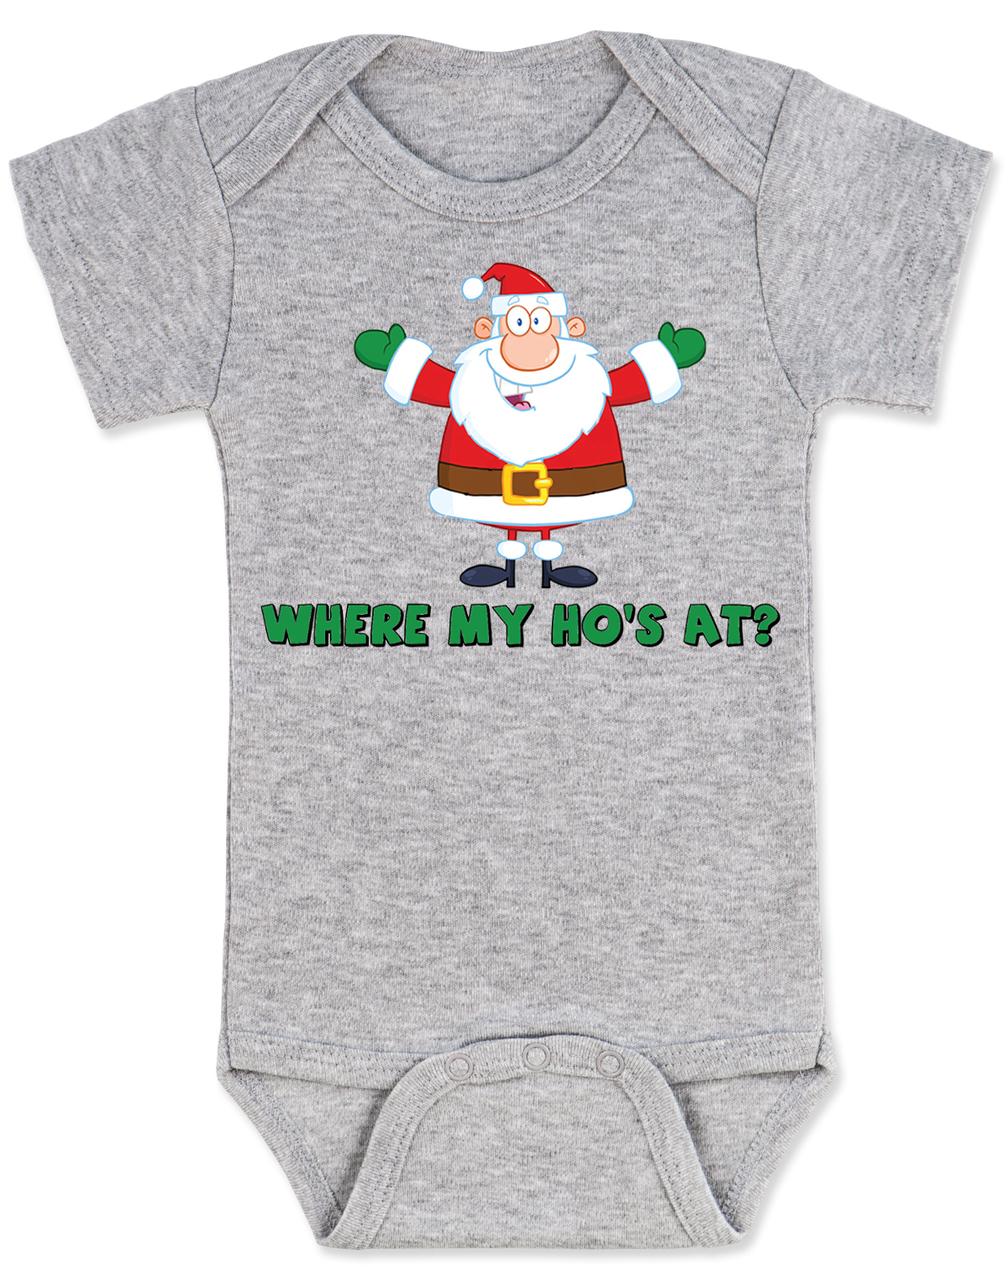 where my hos at baby onesie ho ho ho baby onesie badass santa claus - Santa Hohoho 2